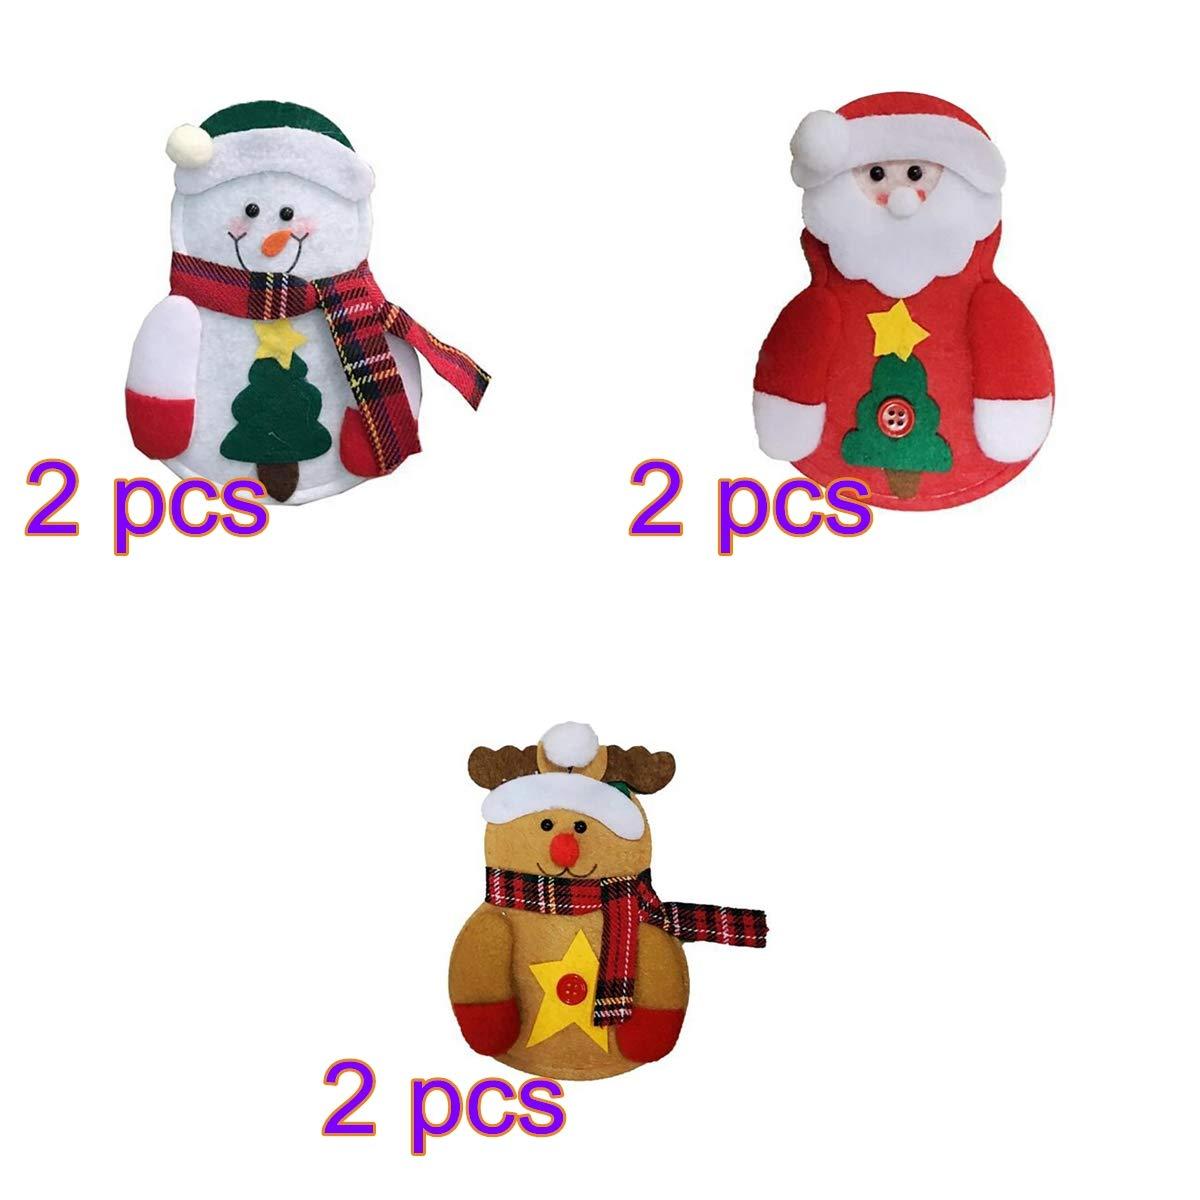 Hemore Borsa Posate Pupazzo di 6 Pezzi [Gruppo] Natale Bianca Natale Addobbi e Decorazioni per ricorrenze